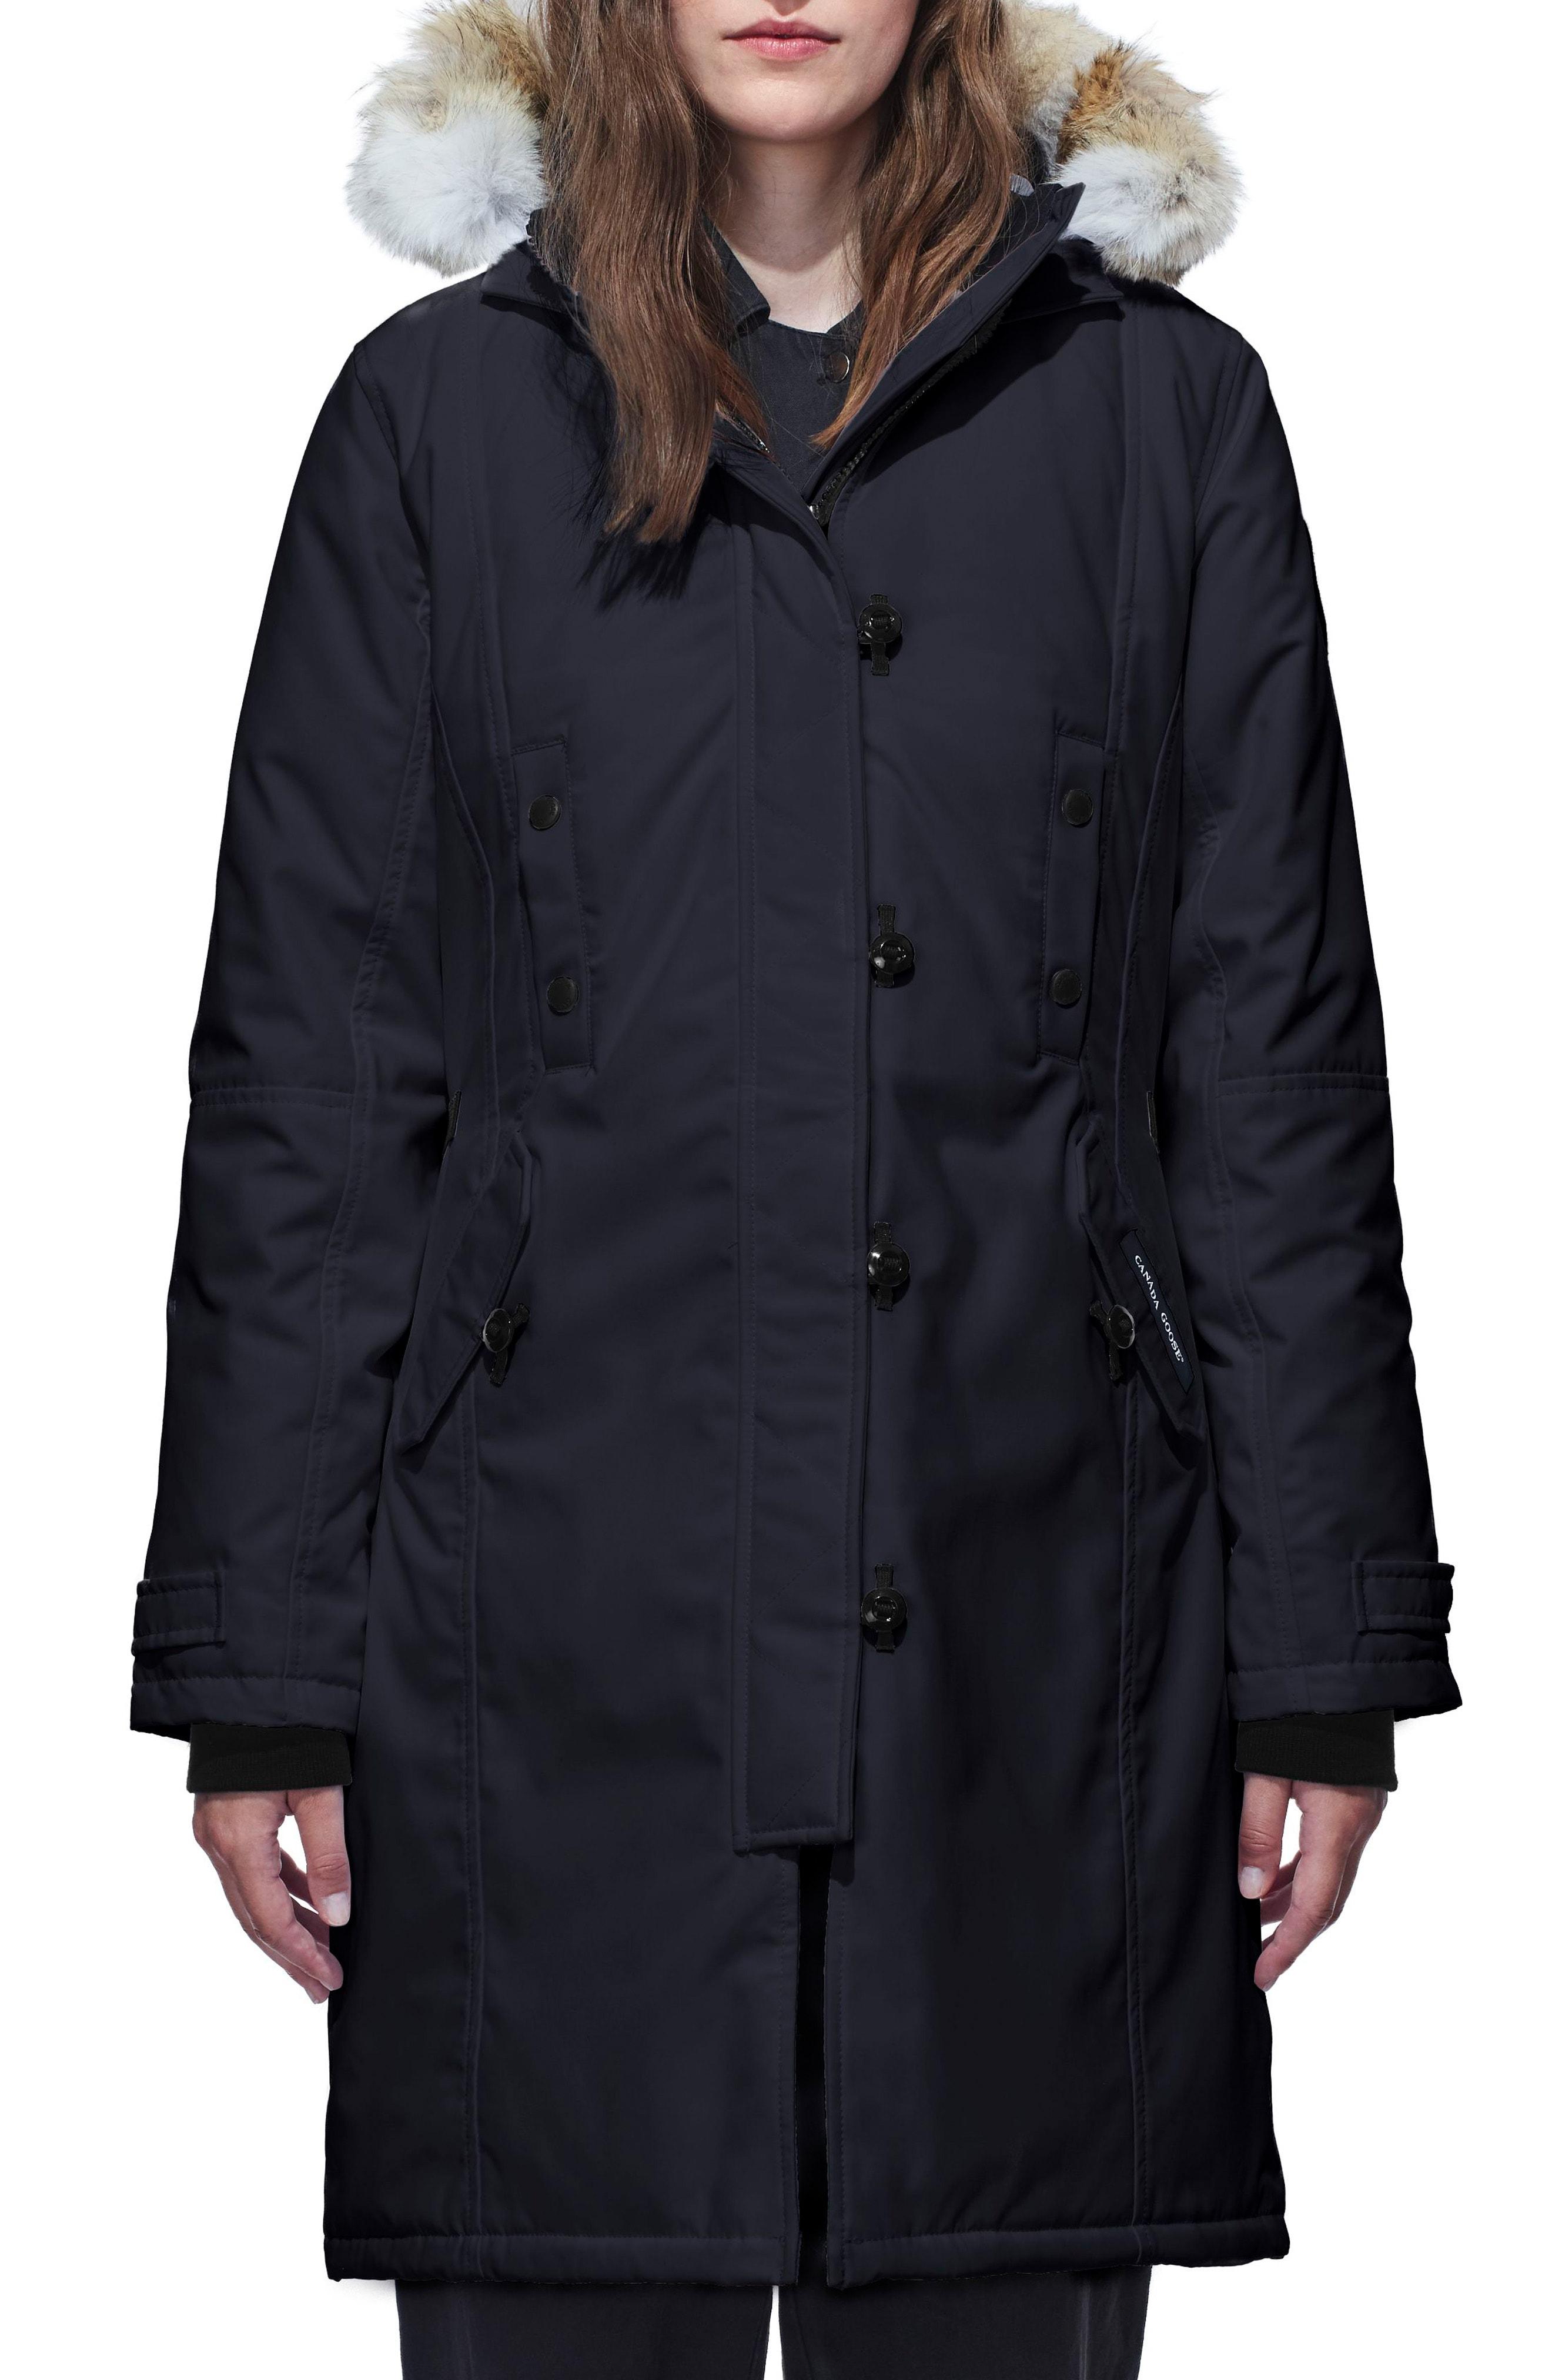 Women's Fur Coats & Faux-Fur Coats | Nordstrom